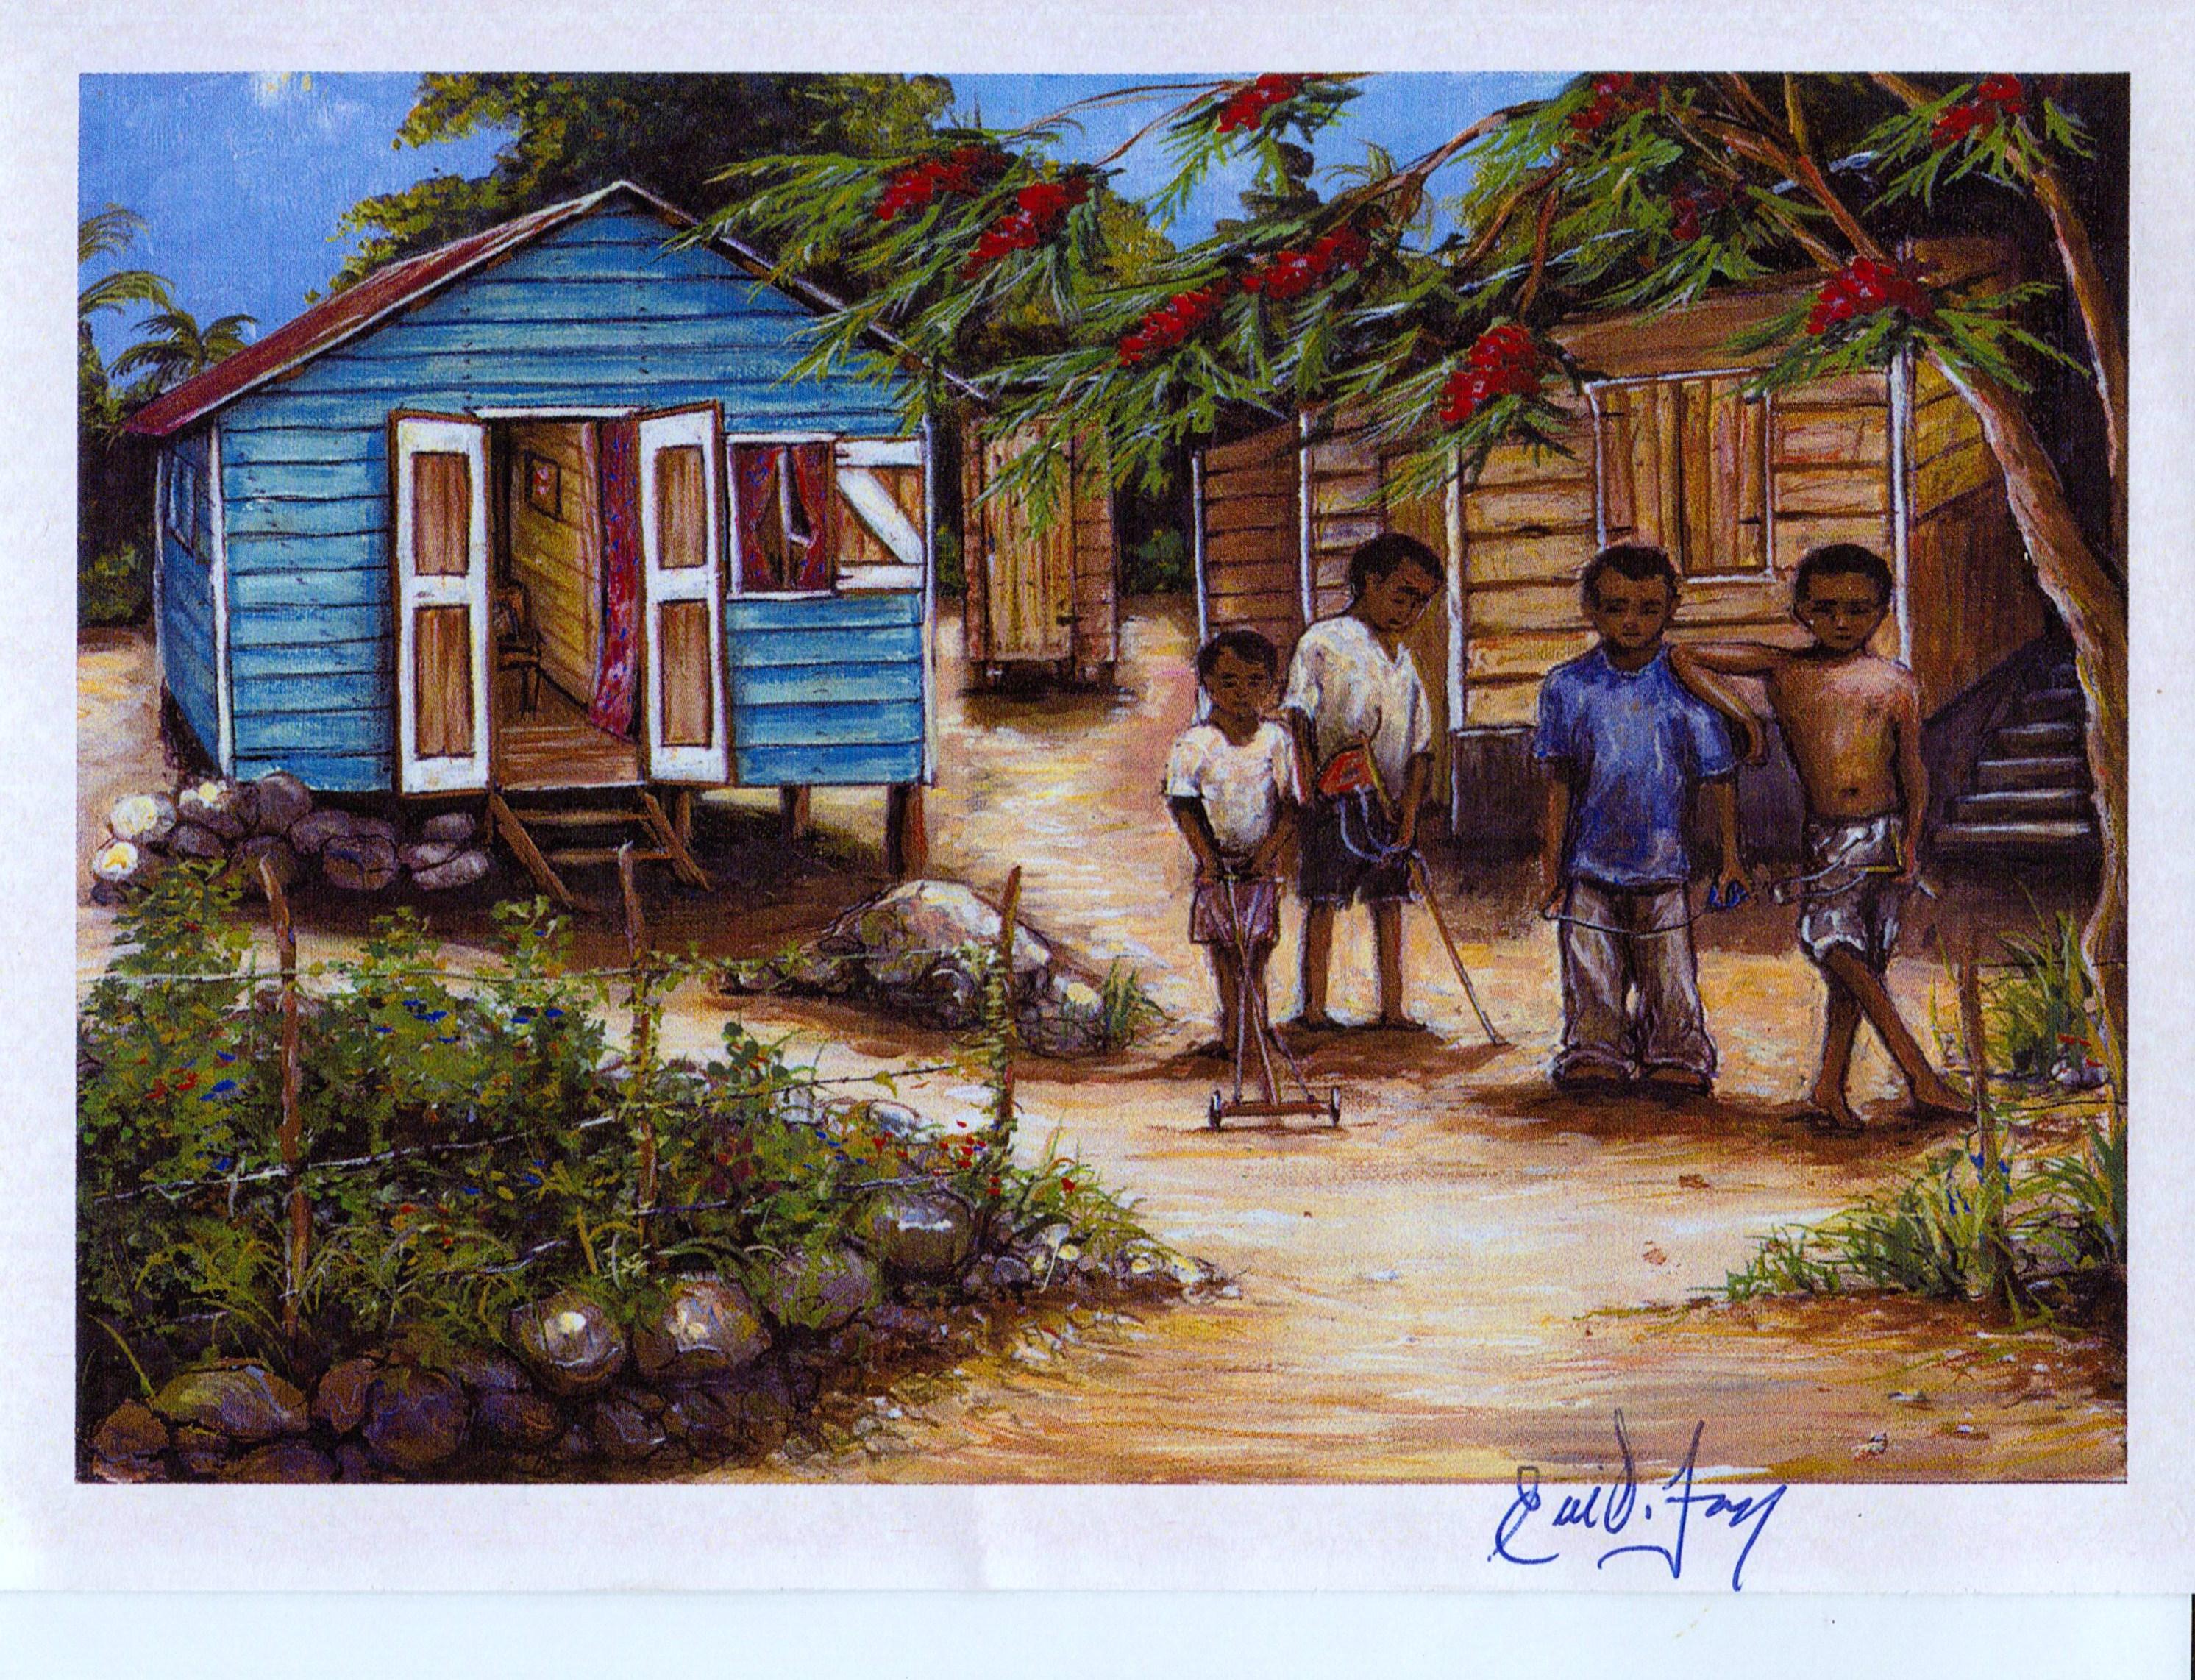 Recuerdos por f lix m ortiz vizcarrondo encuentro al sur for Creador de casas